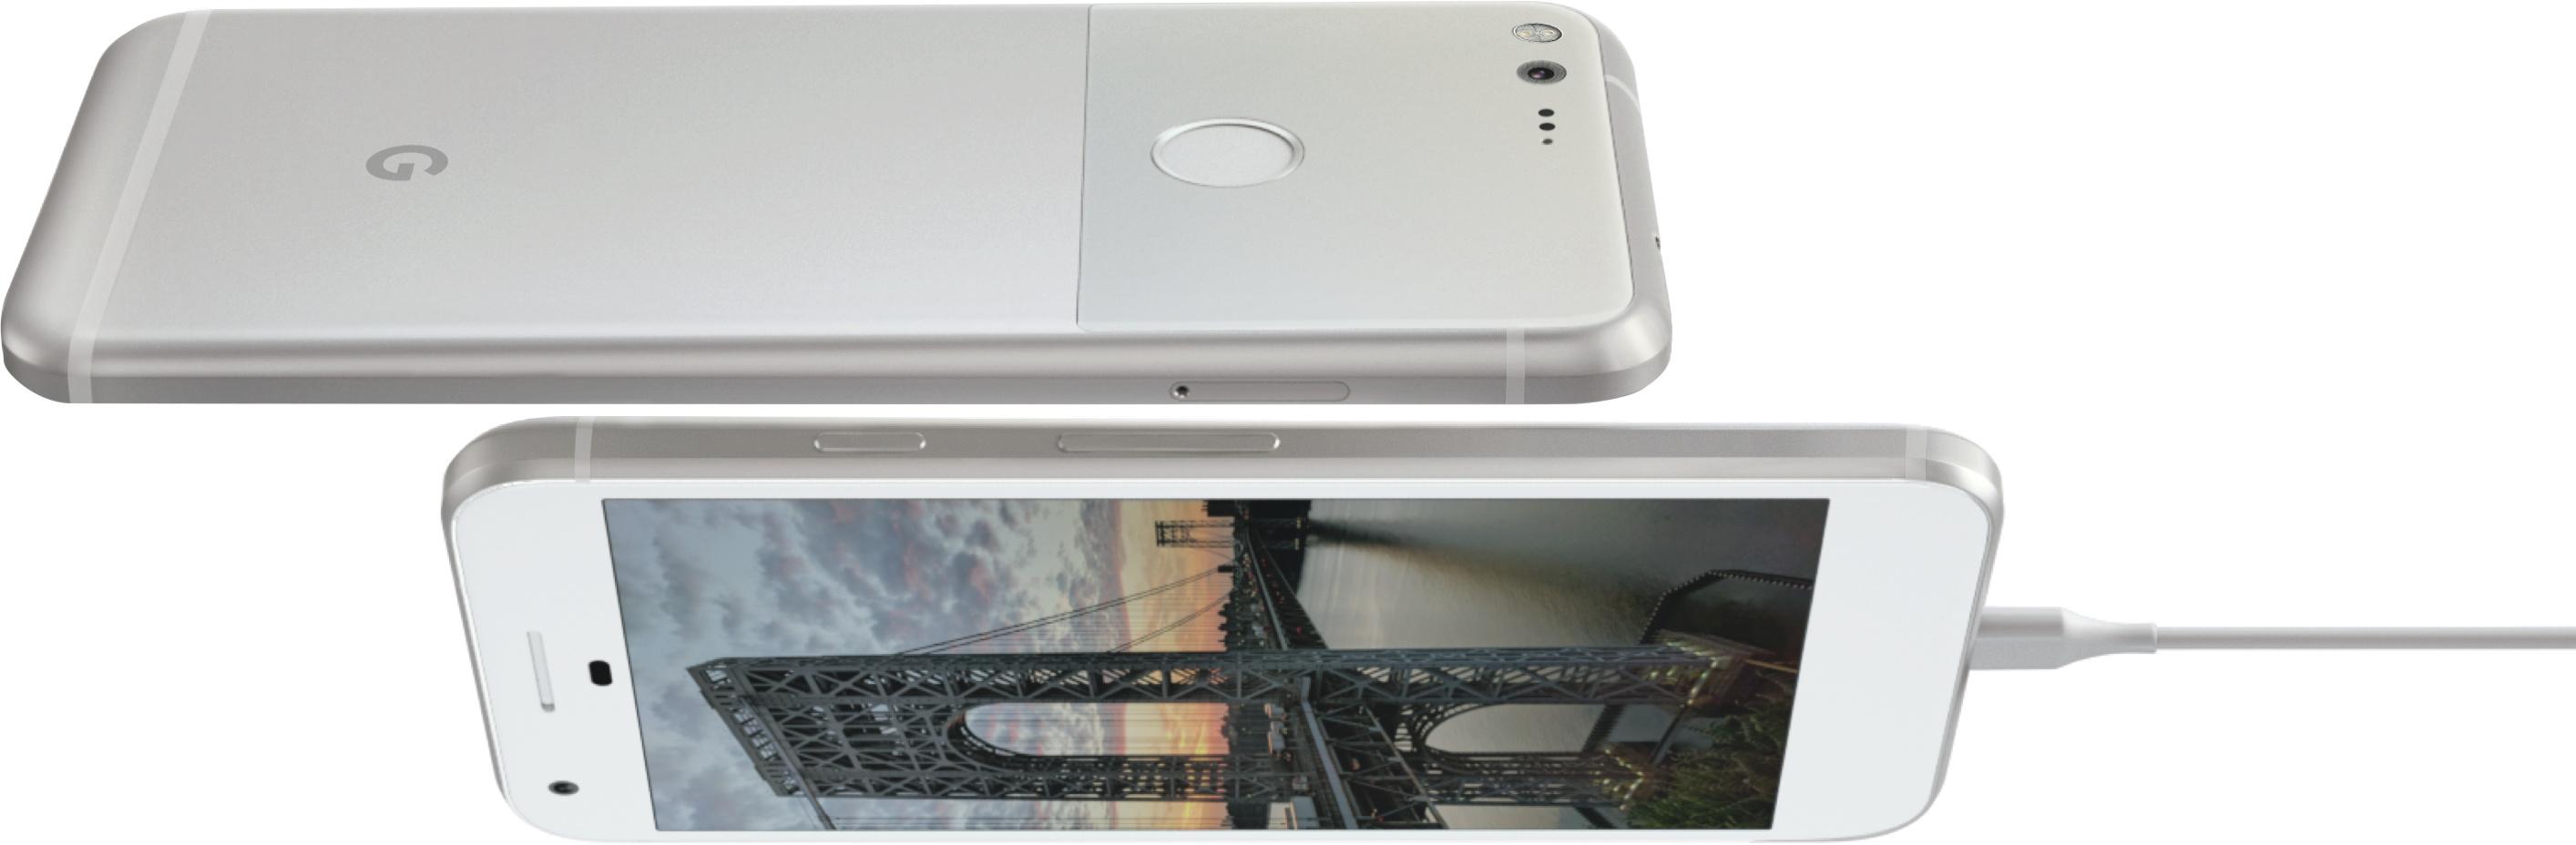 phone_design-module_design-image_1440_2x